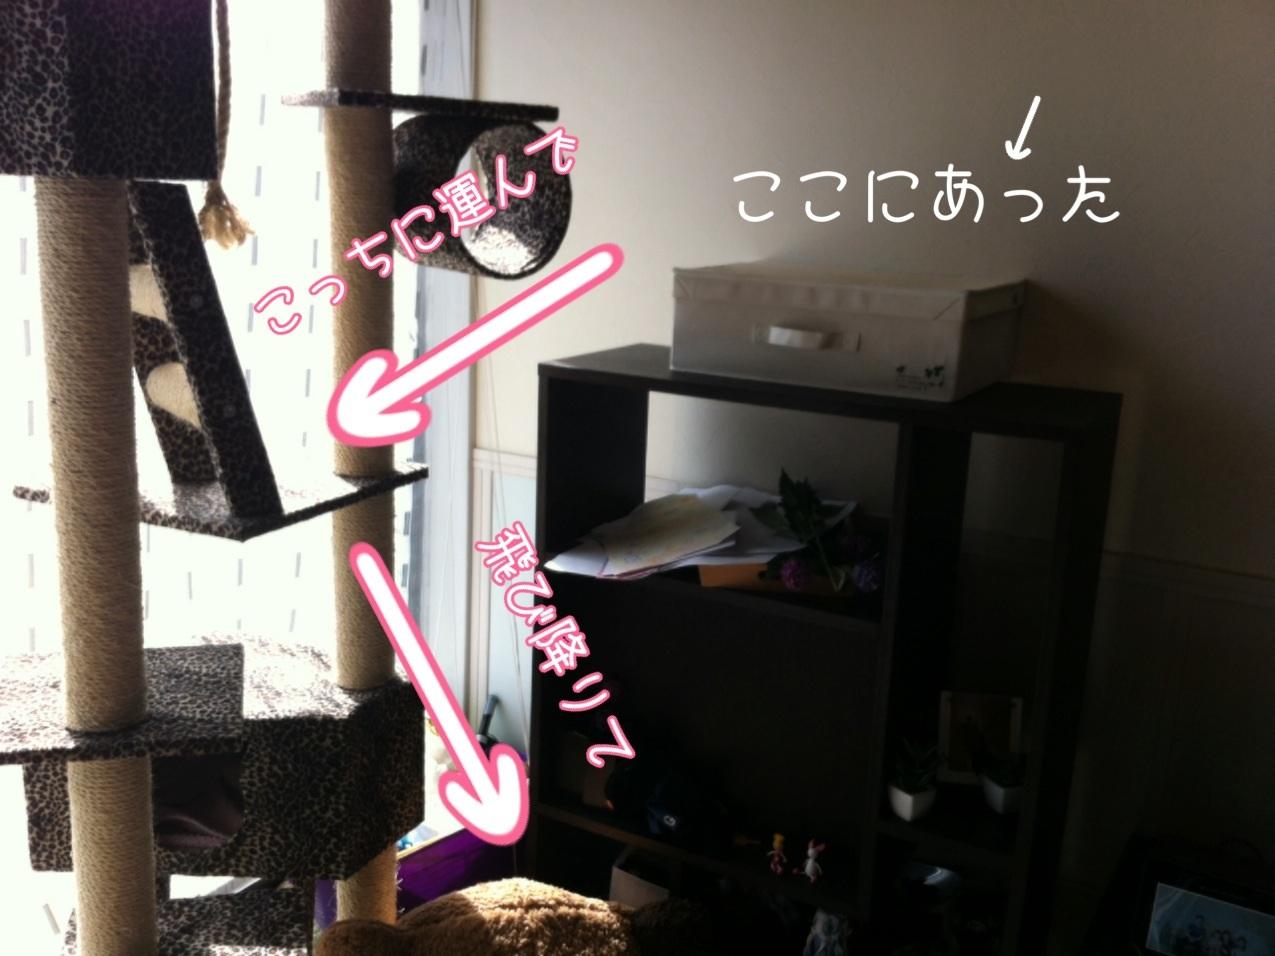 20131017144519565.jpg